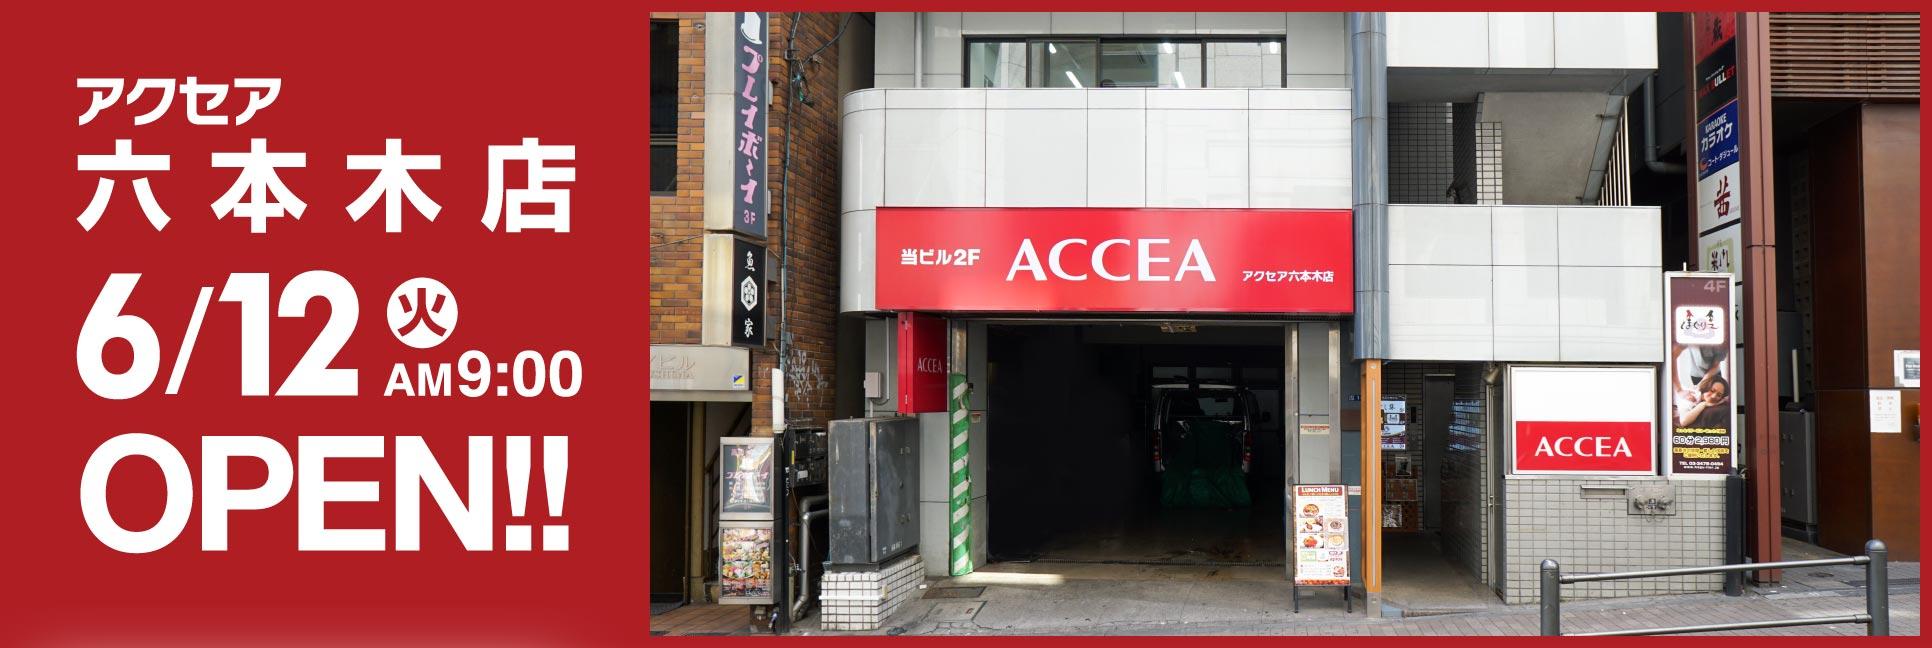 アクセア六本木店 6月12日(火)オープン